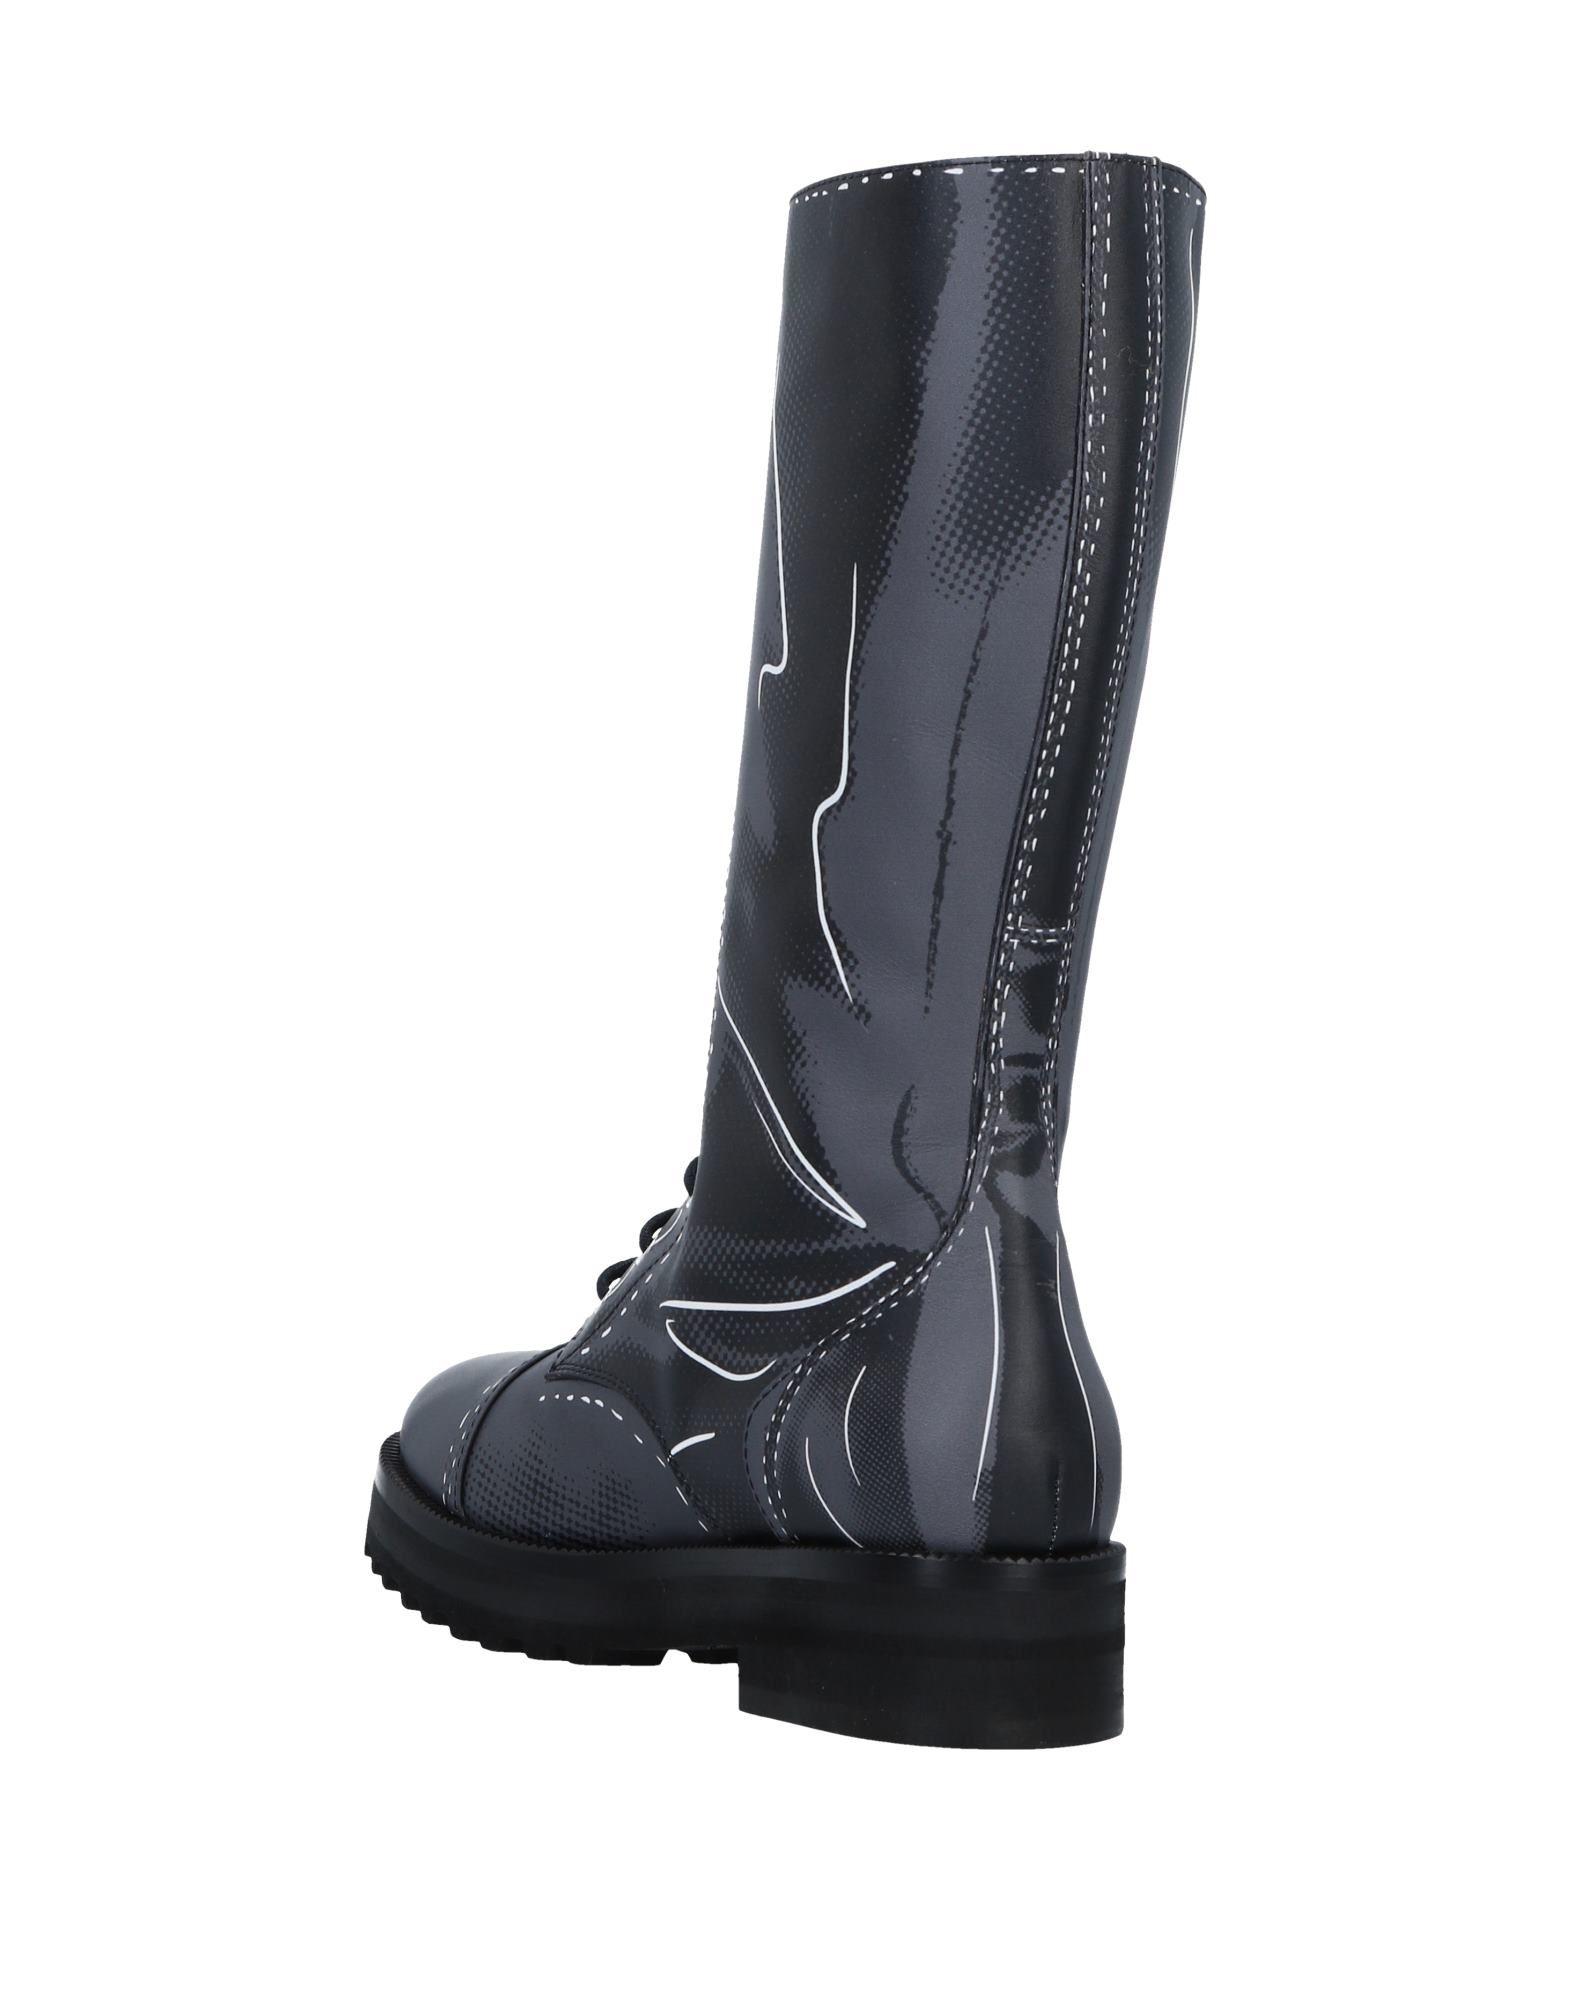 Moschino Moschino Moschino Stiefel Damen Gutes Preis-Leistungs-Verhältnis, es lohnt sich b09bf2